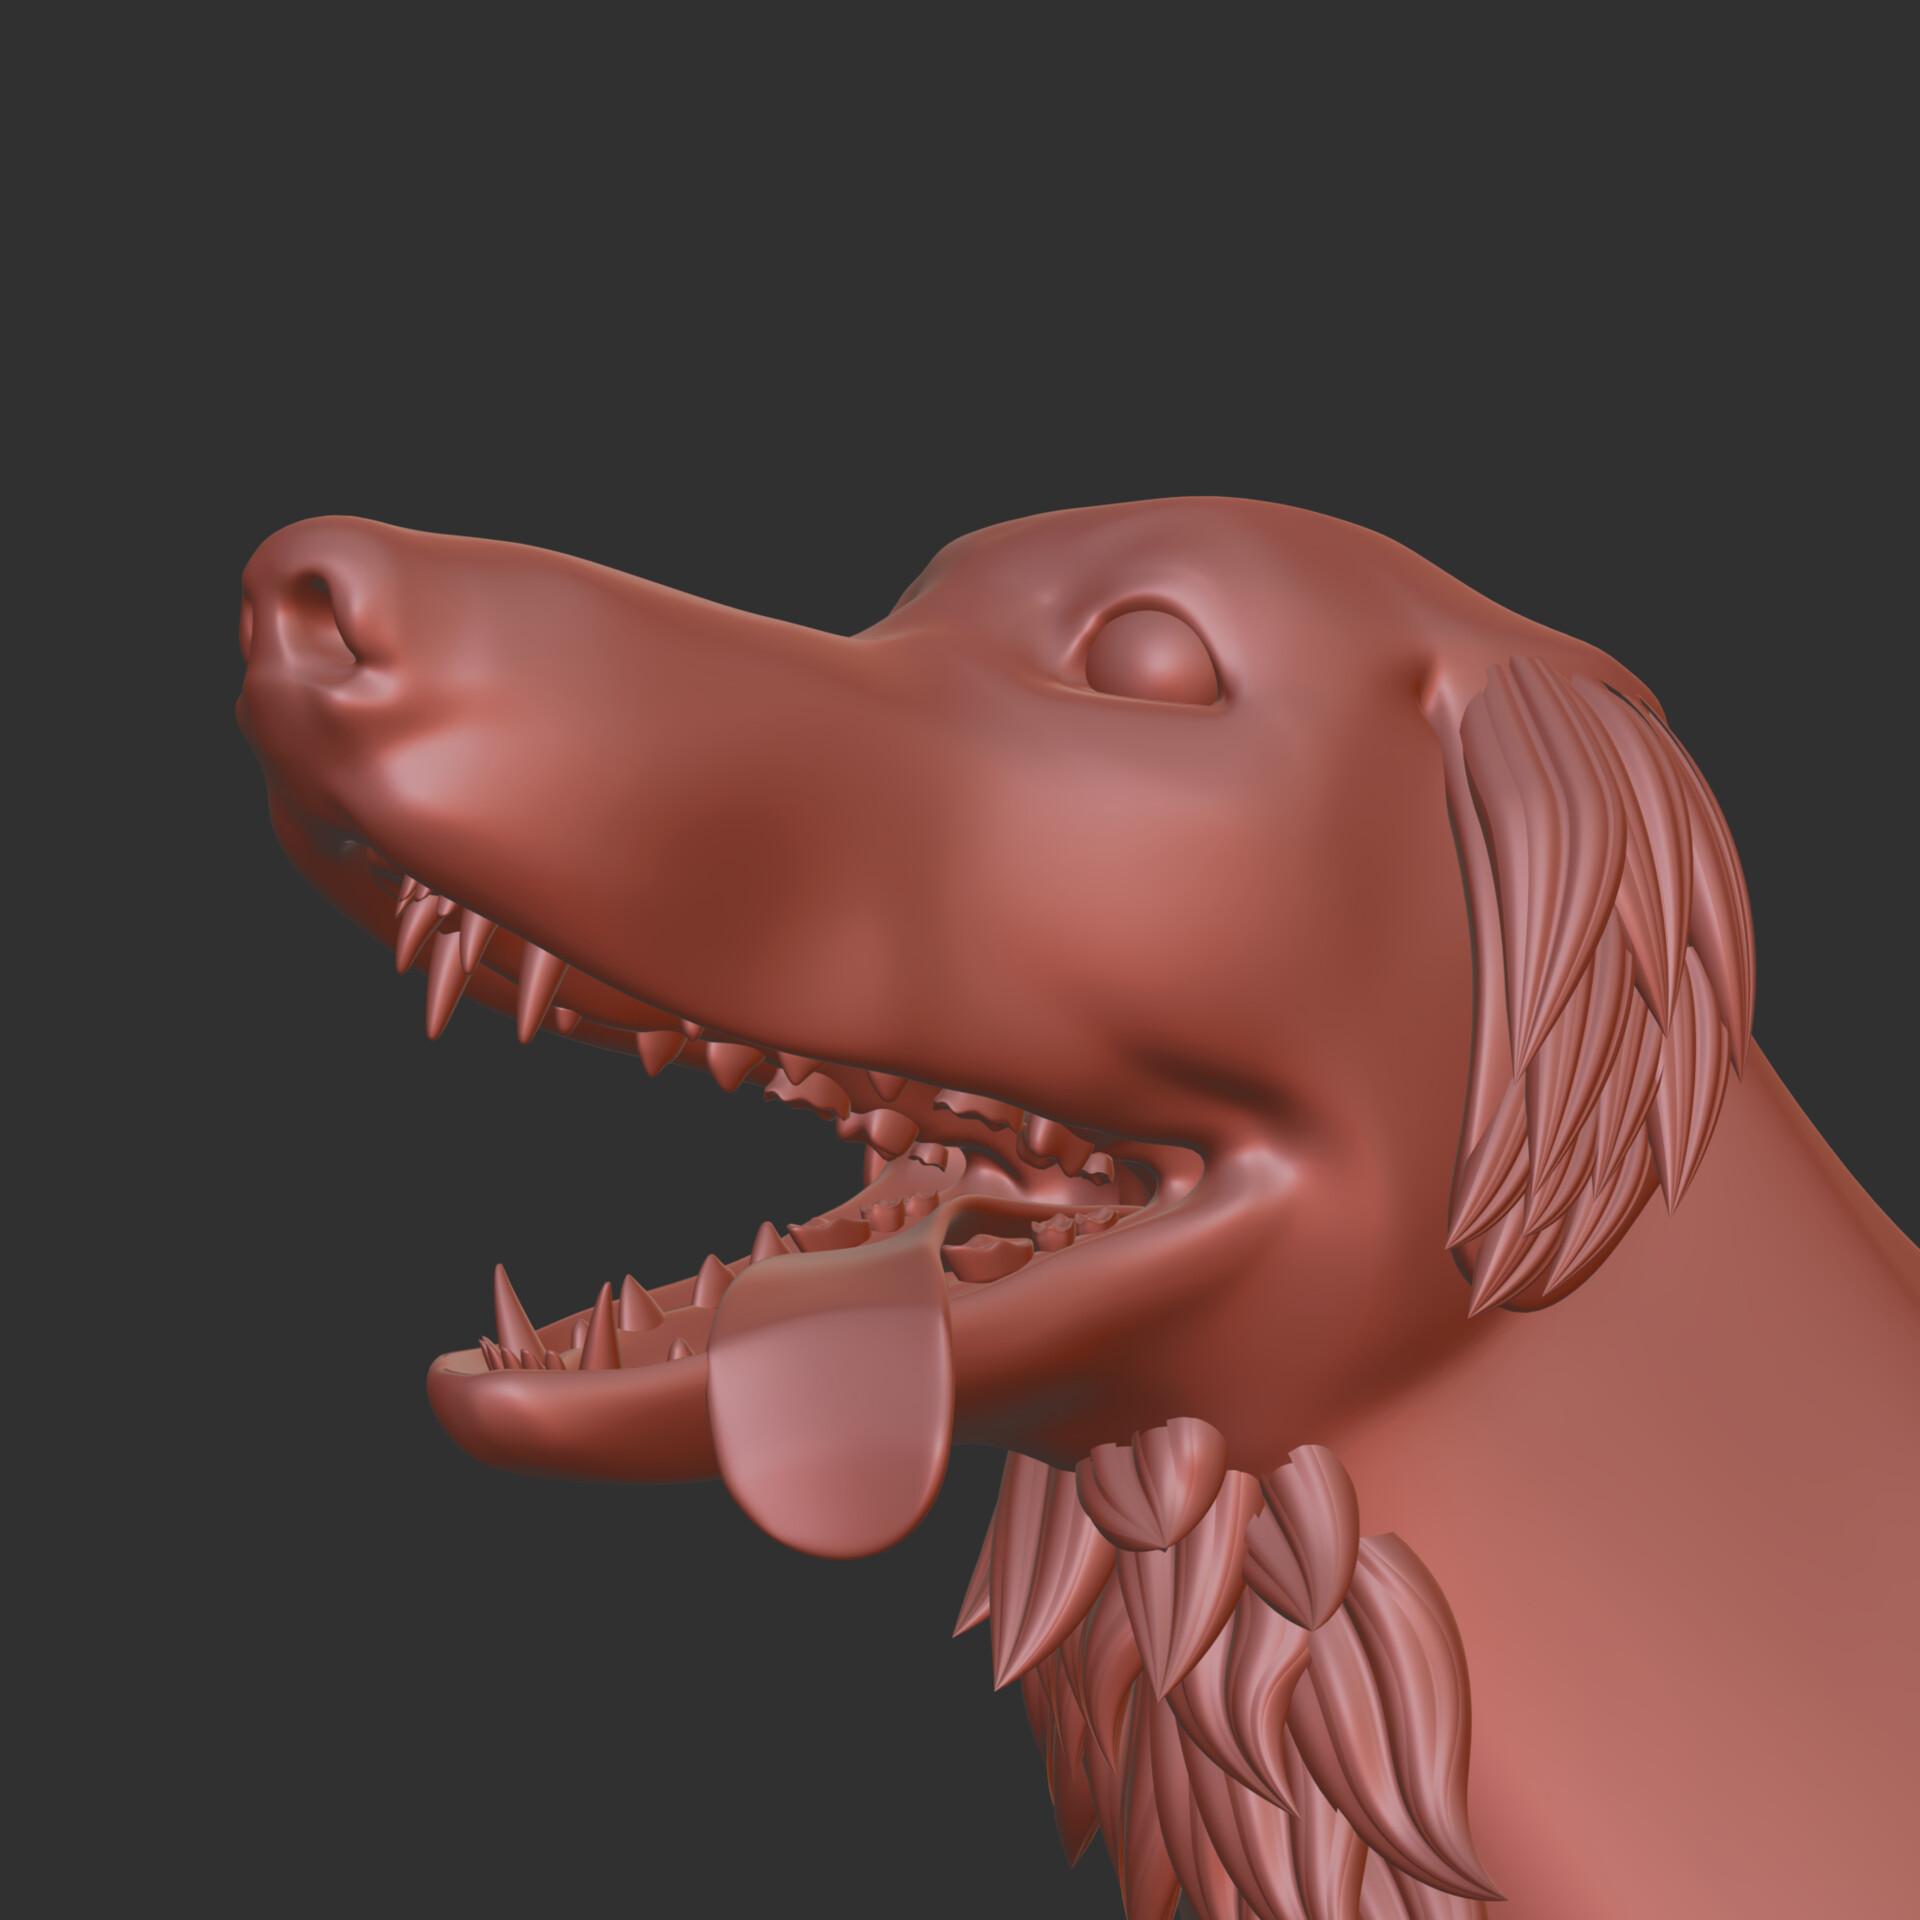 Ewoud van der werf matcapdog